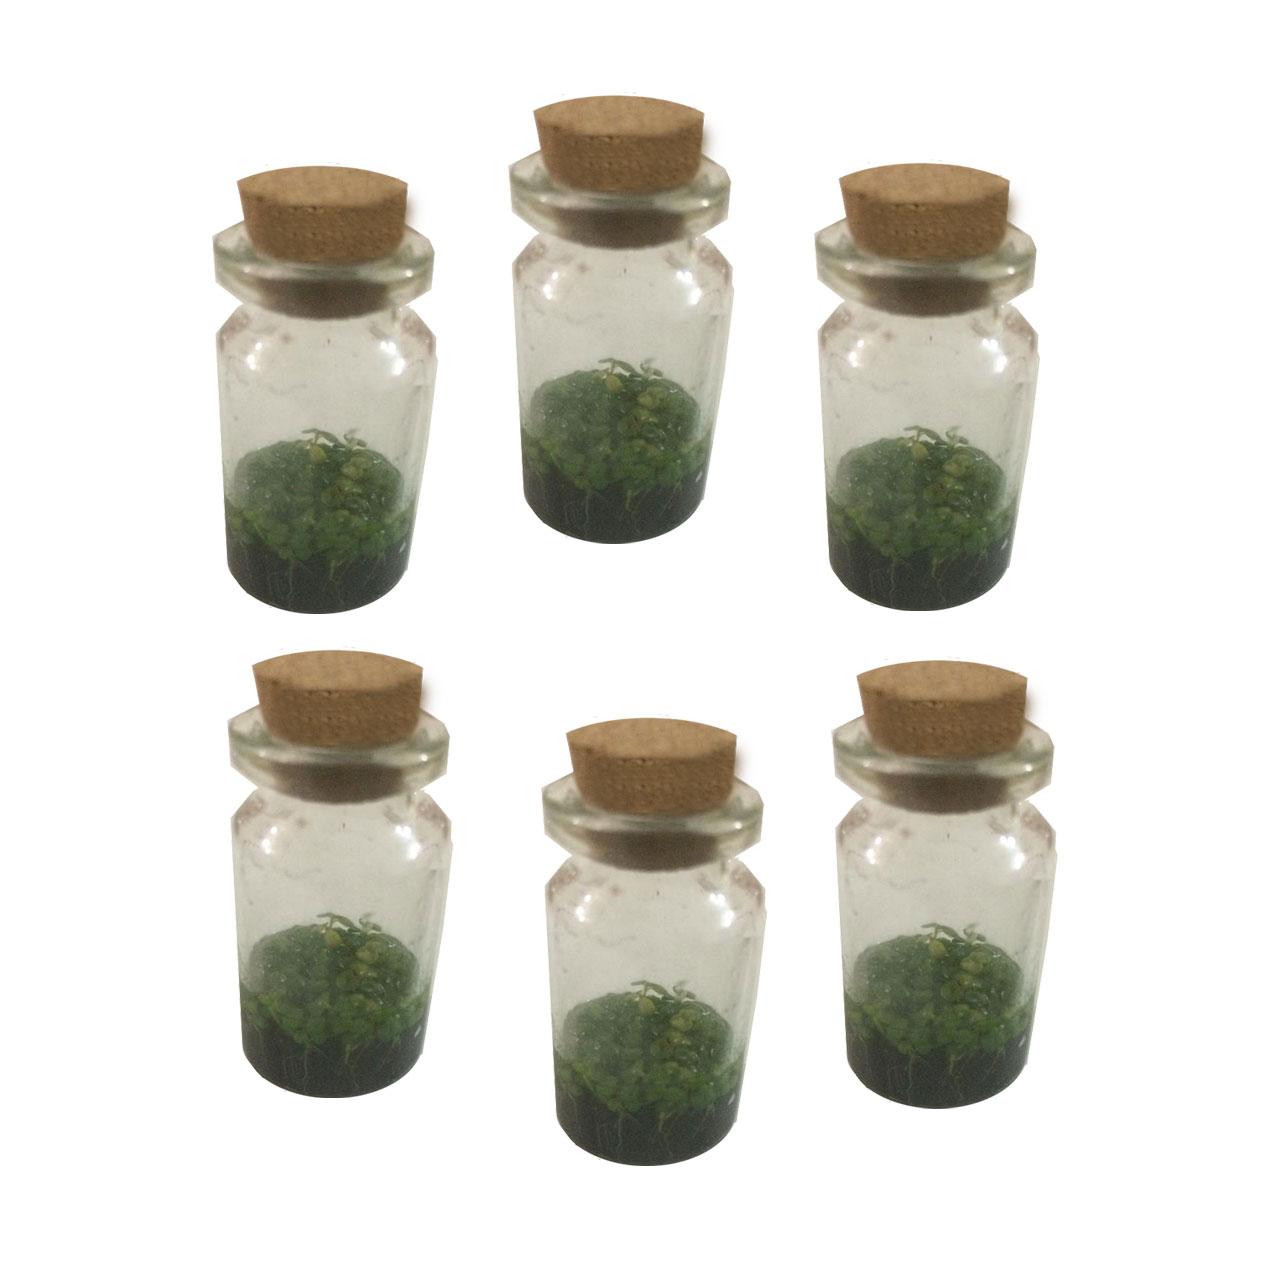 بسته 6 تایی بطری گل طبیعی طرح زینتی ریحون